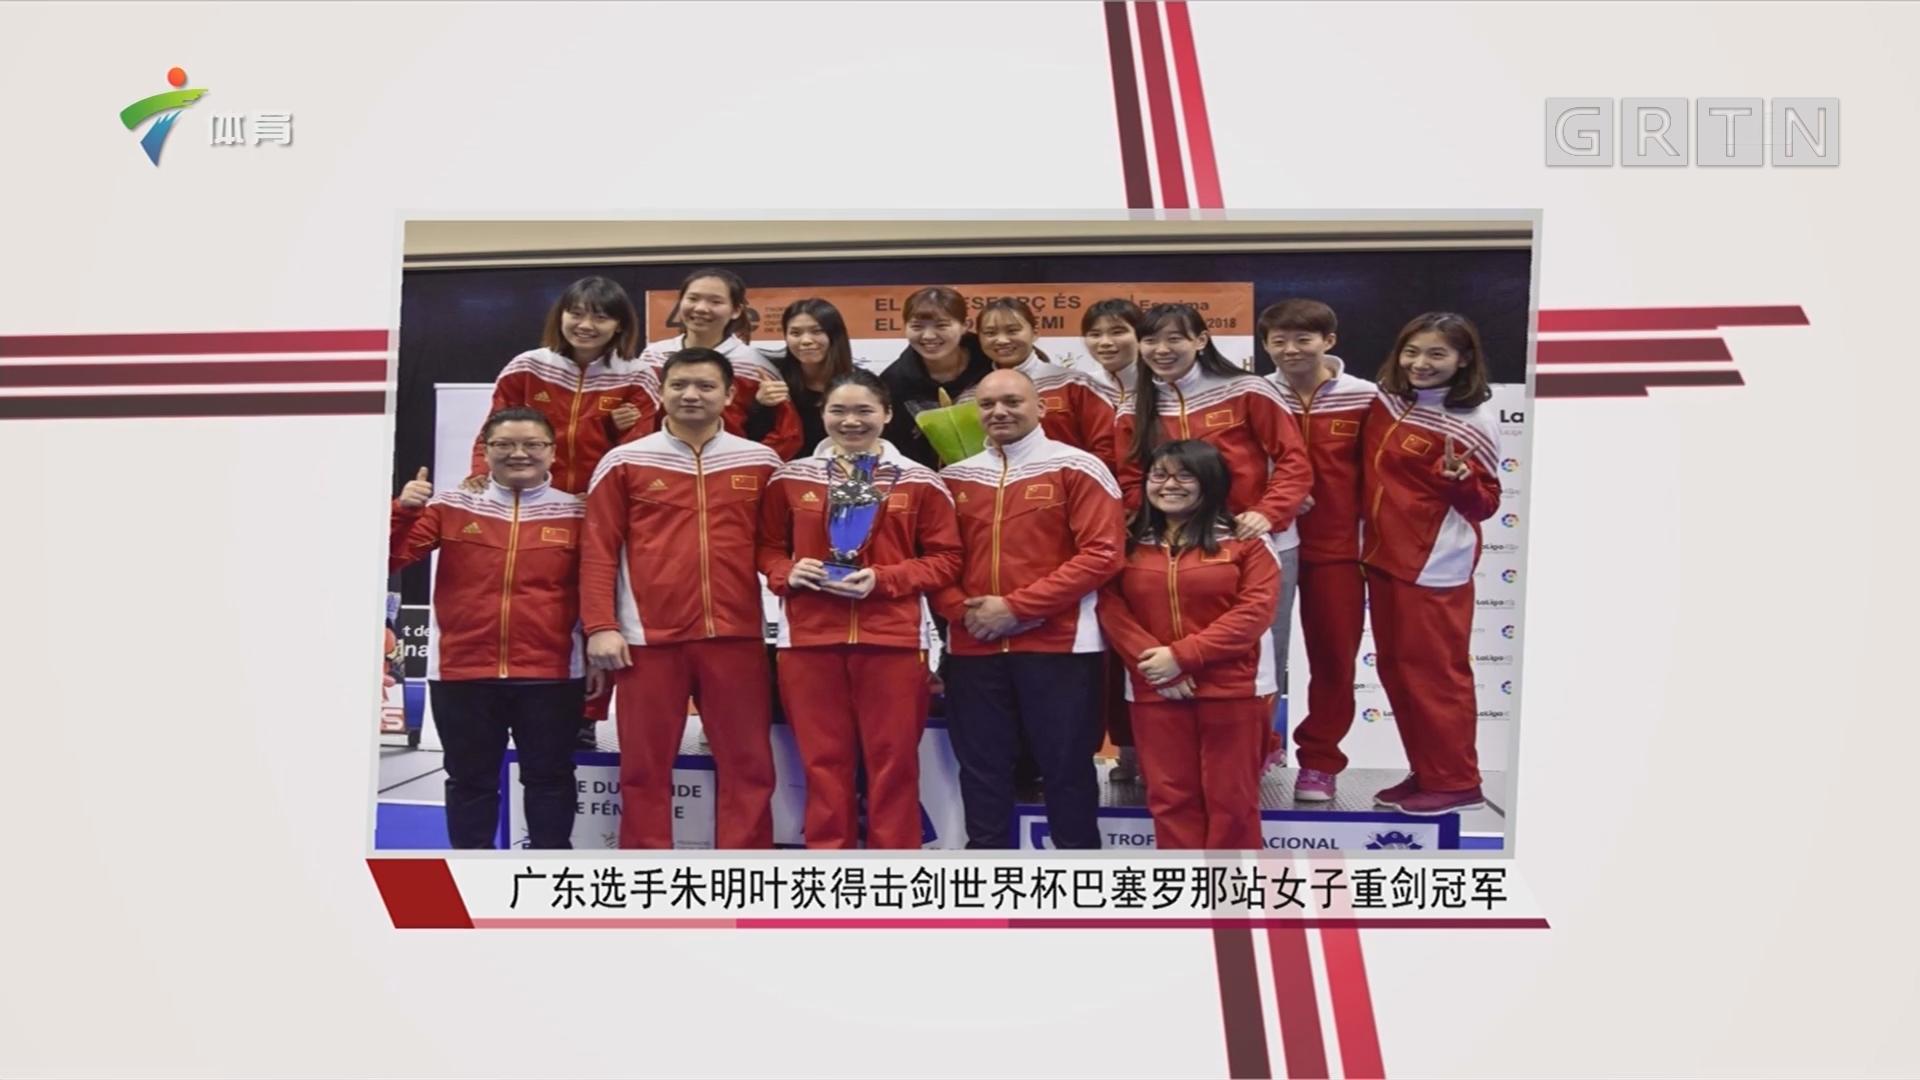 广东选手朱明叶获得击剑世界杯巴塞罗那站女子重剑冠军